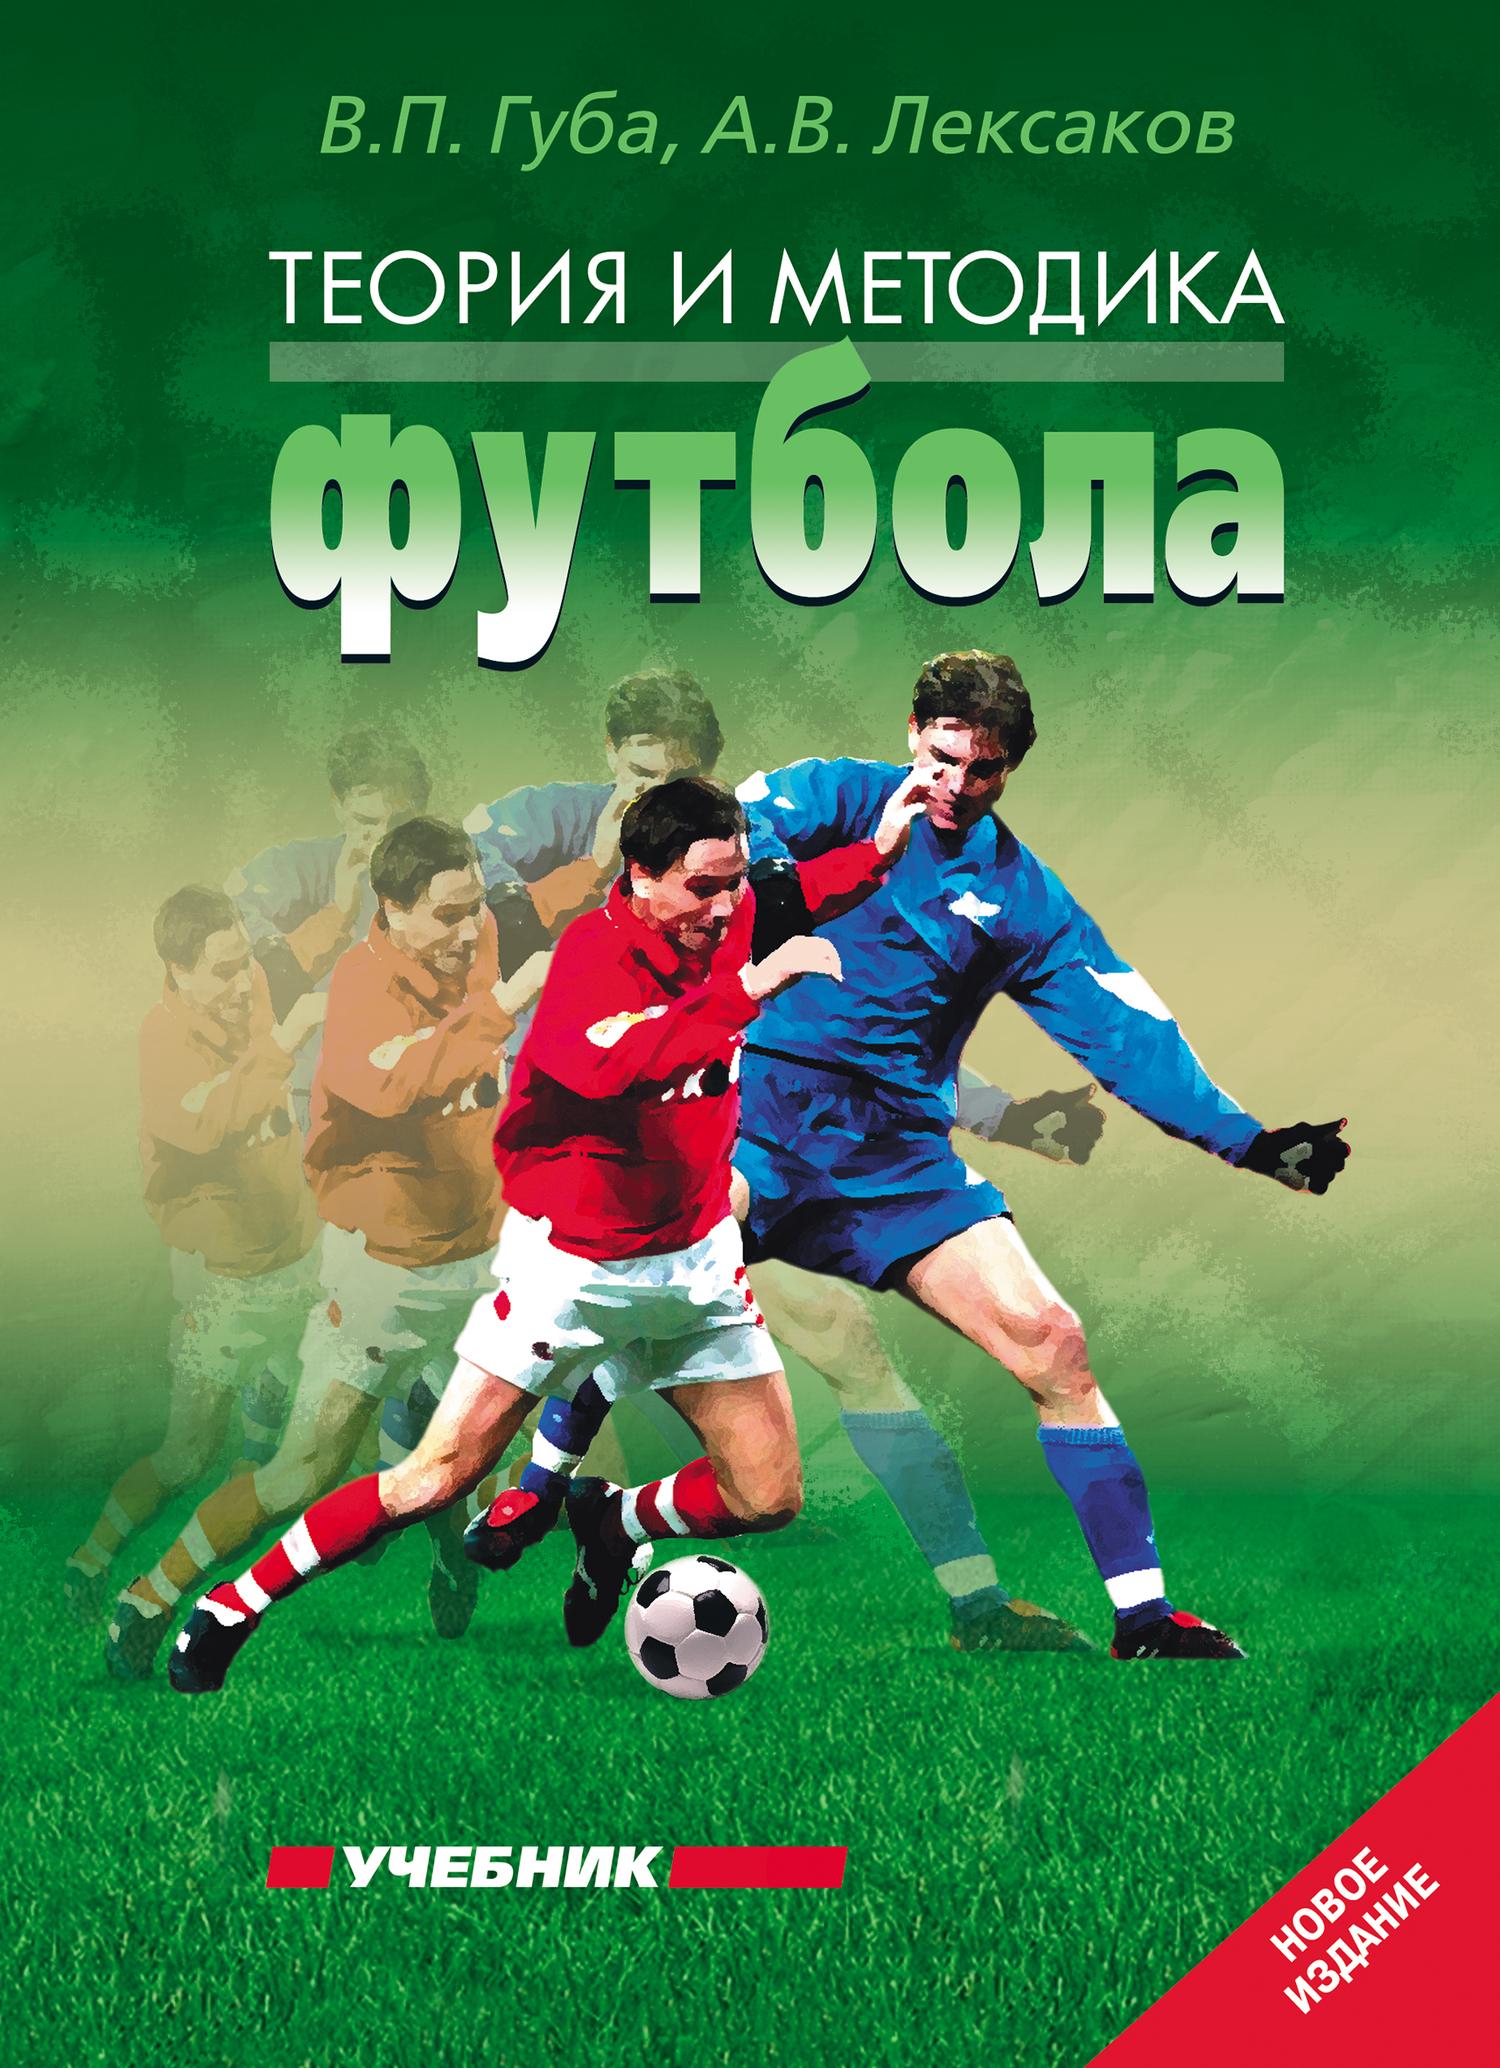 Коллектив авторов Теория и методика футбола. Учебник о б лапшин теория и методика подготовки юных футболистов